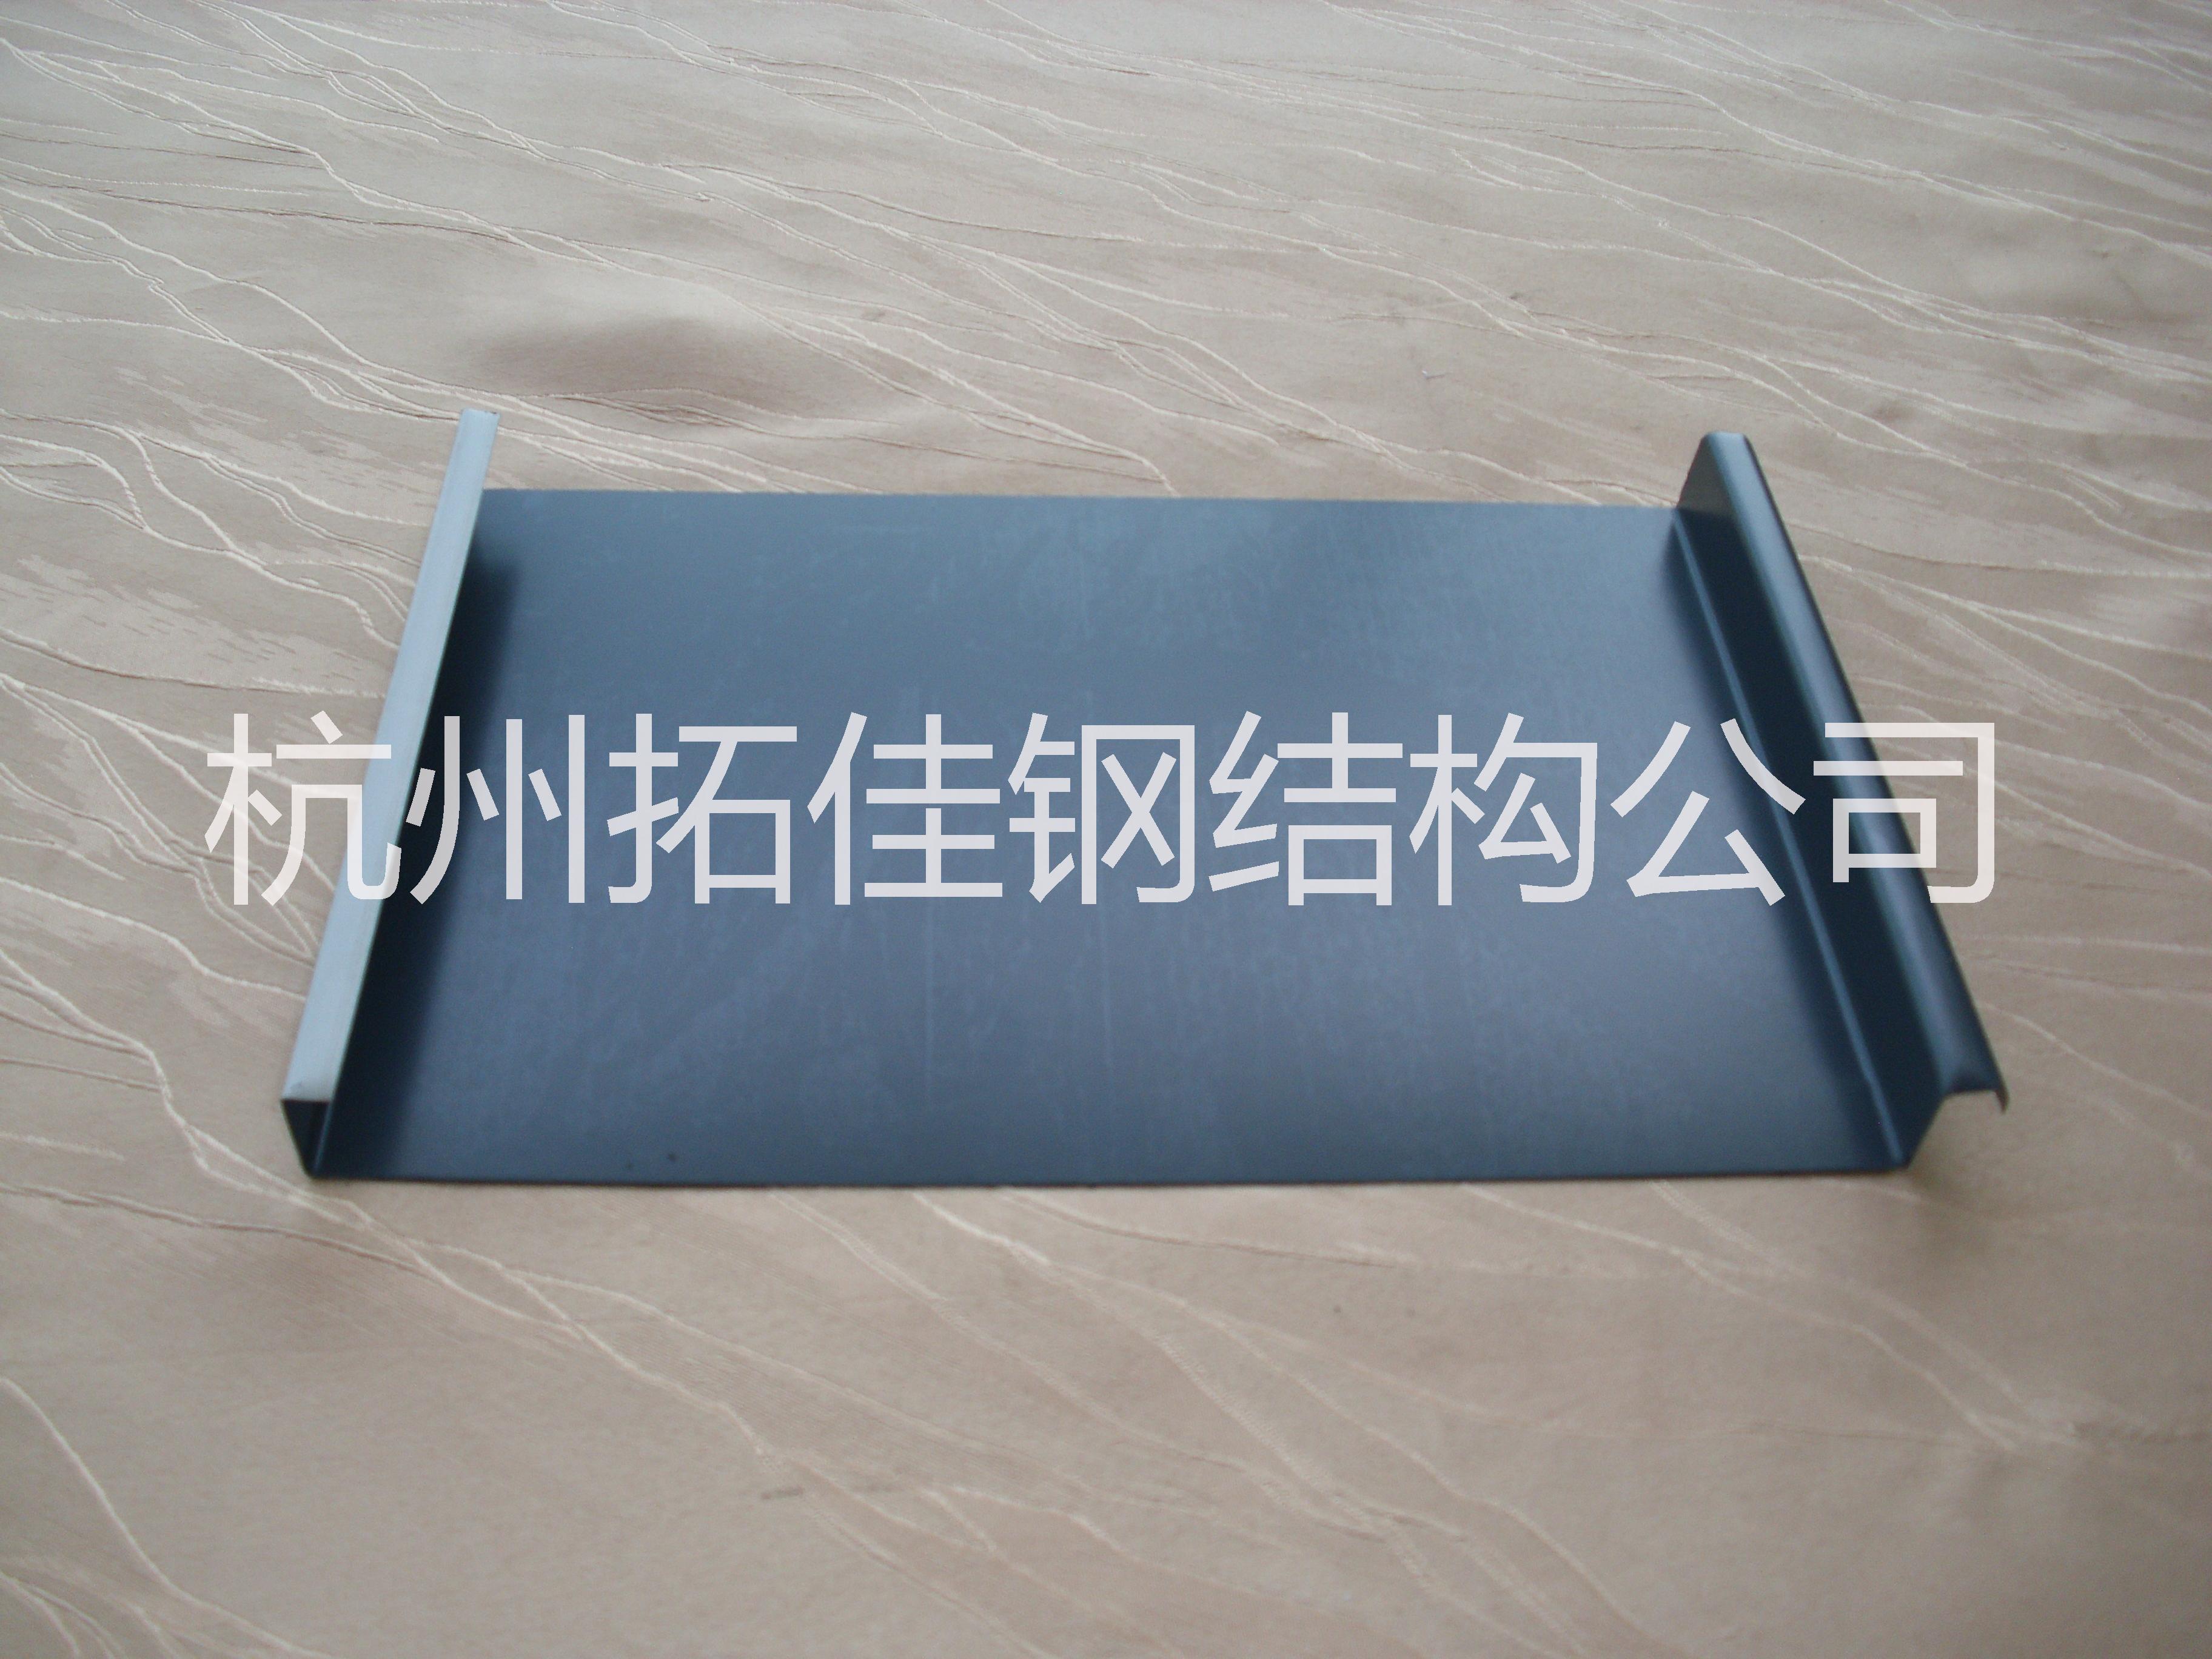 铝镁锰板 型号齐全 厂家直销 可定制 铝镁锰板  金属屋面板  楼承板 专供YX65-430铝镁锰屋面板